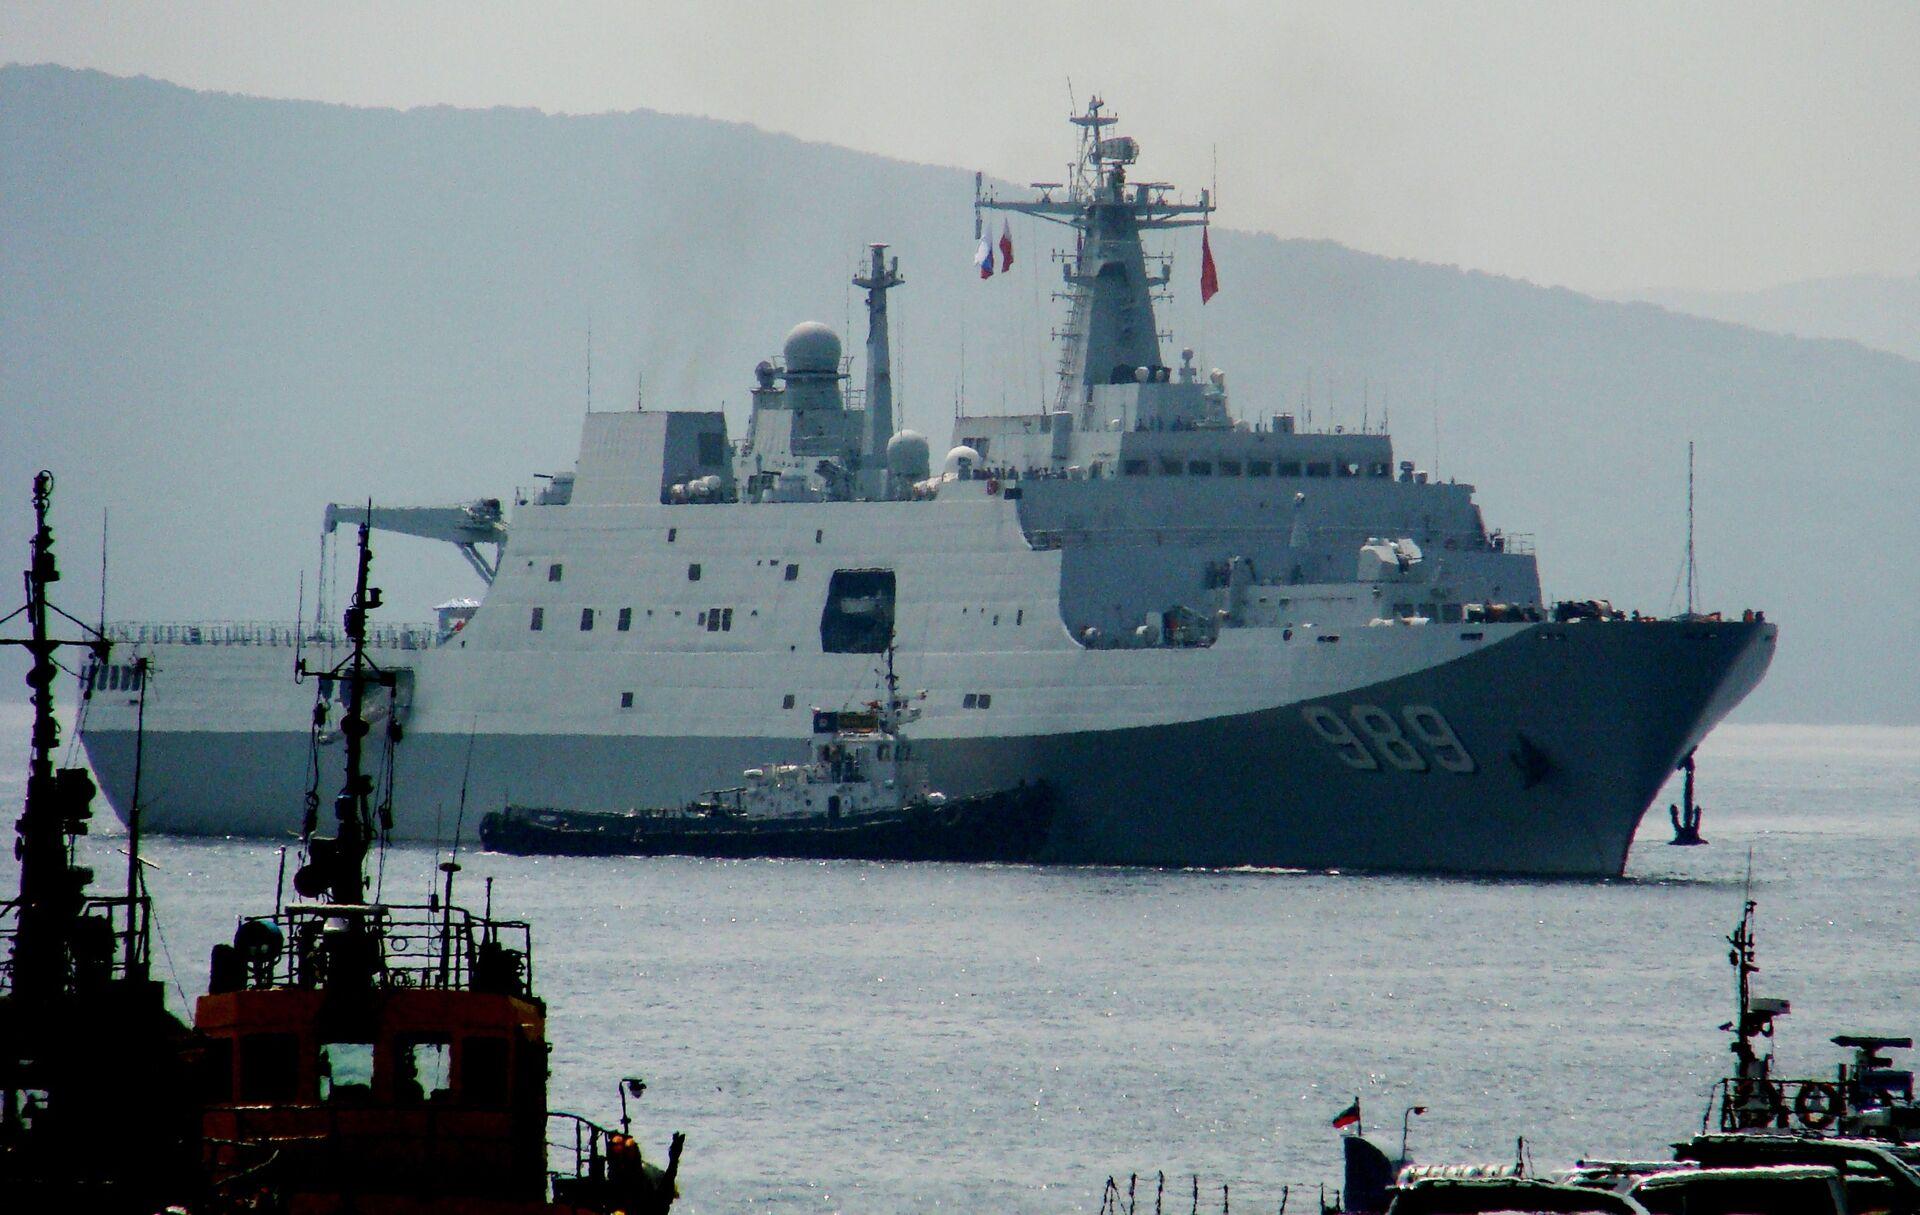 Десантный корабль Чанбайшань, прибывший во Владивосток в составе отряда из семи кораблей ВМС Китая для участия во втором этапе учений Морское взаимодействие - 2015 - РИА Новости, 1920, 08.10.2021